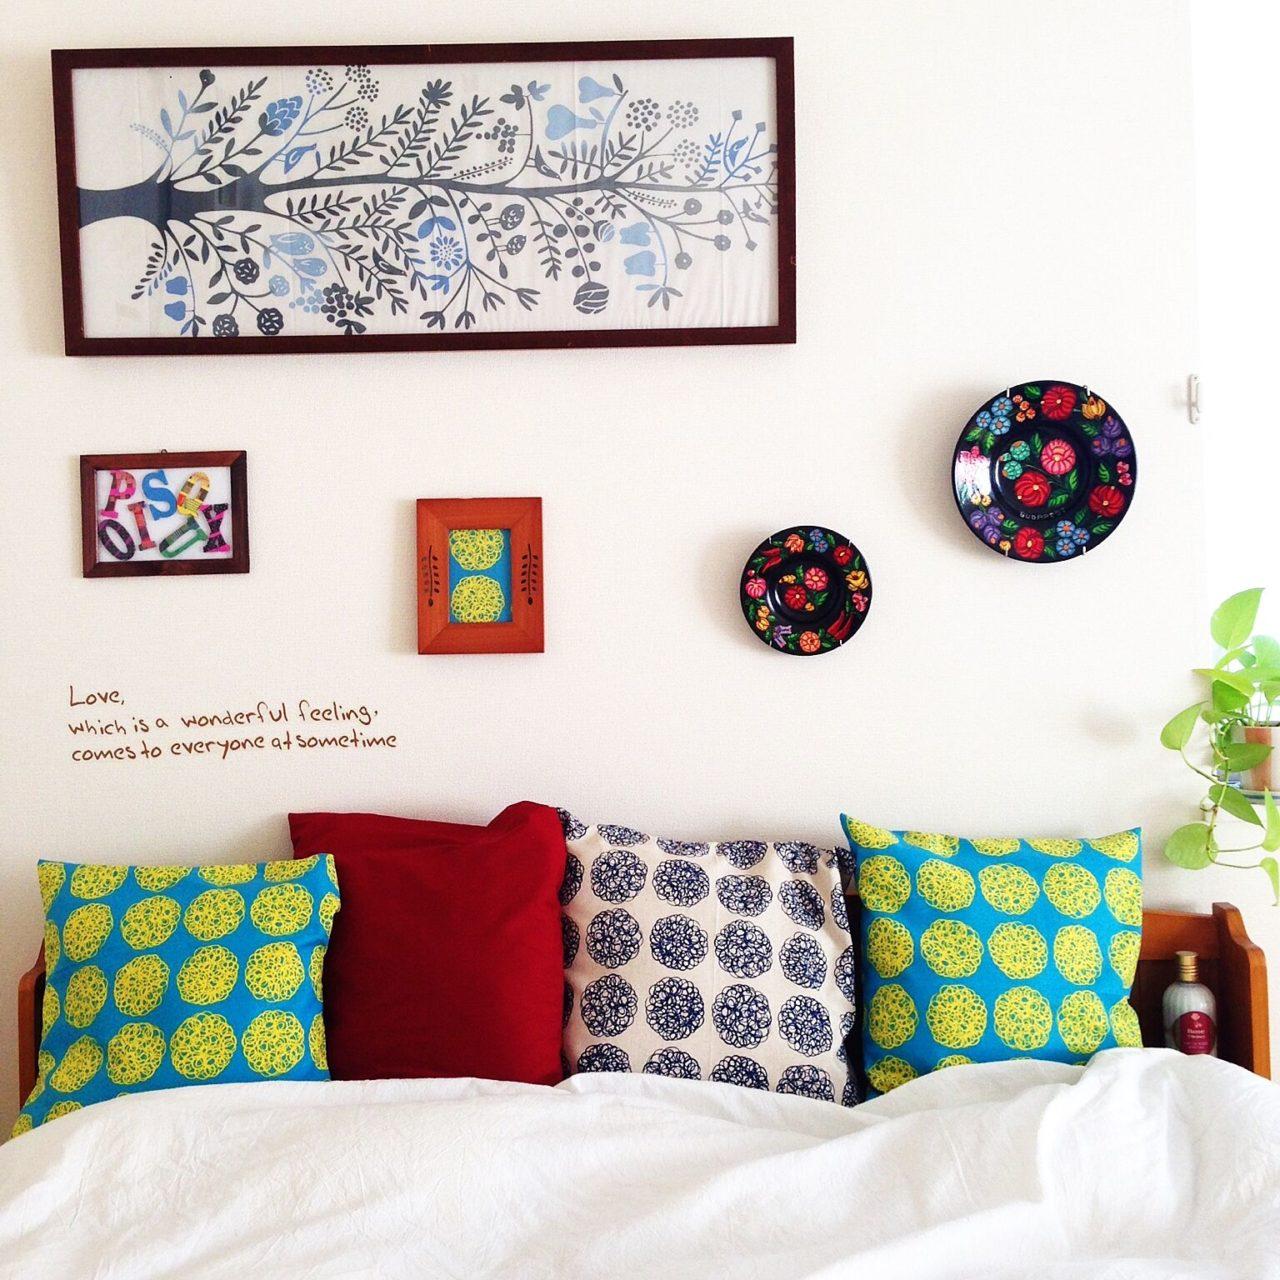 季節や部屋の雰囲気などに合わせて選んでもいいですし、部屋のイメージチェンジにも使えますので手ぬぐいをいろいろ掛けて楽しんでみませんか?